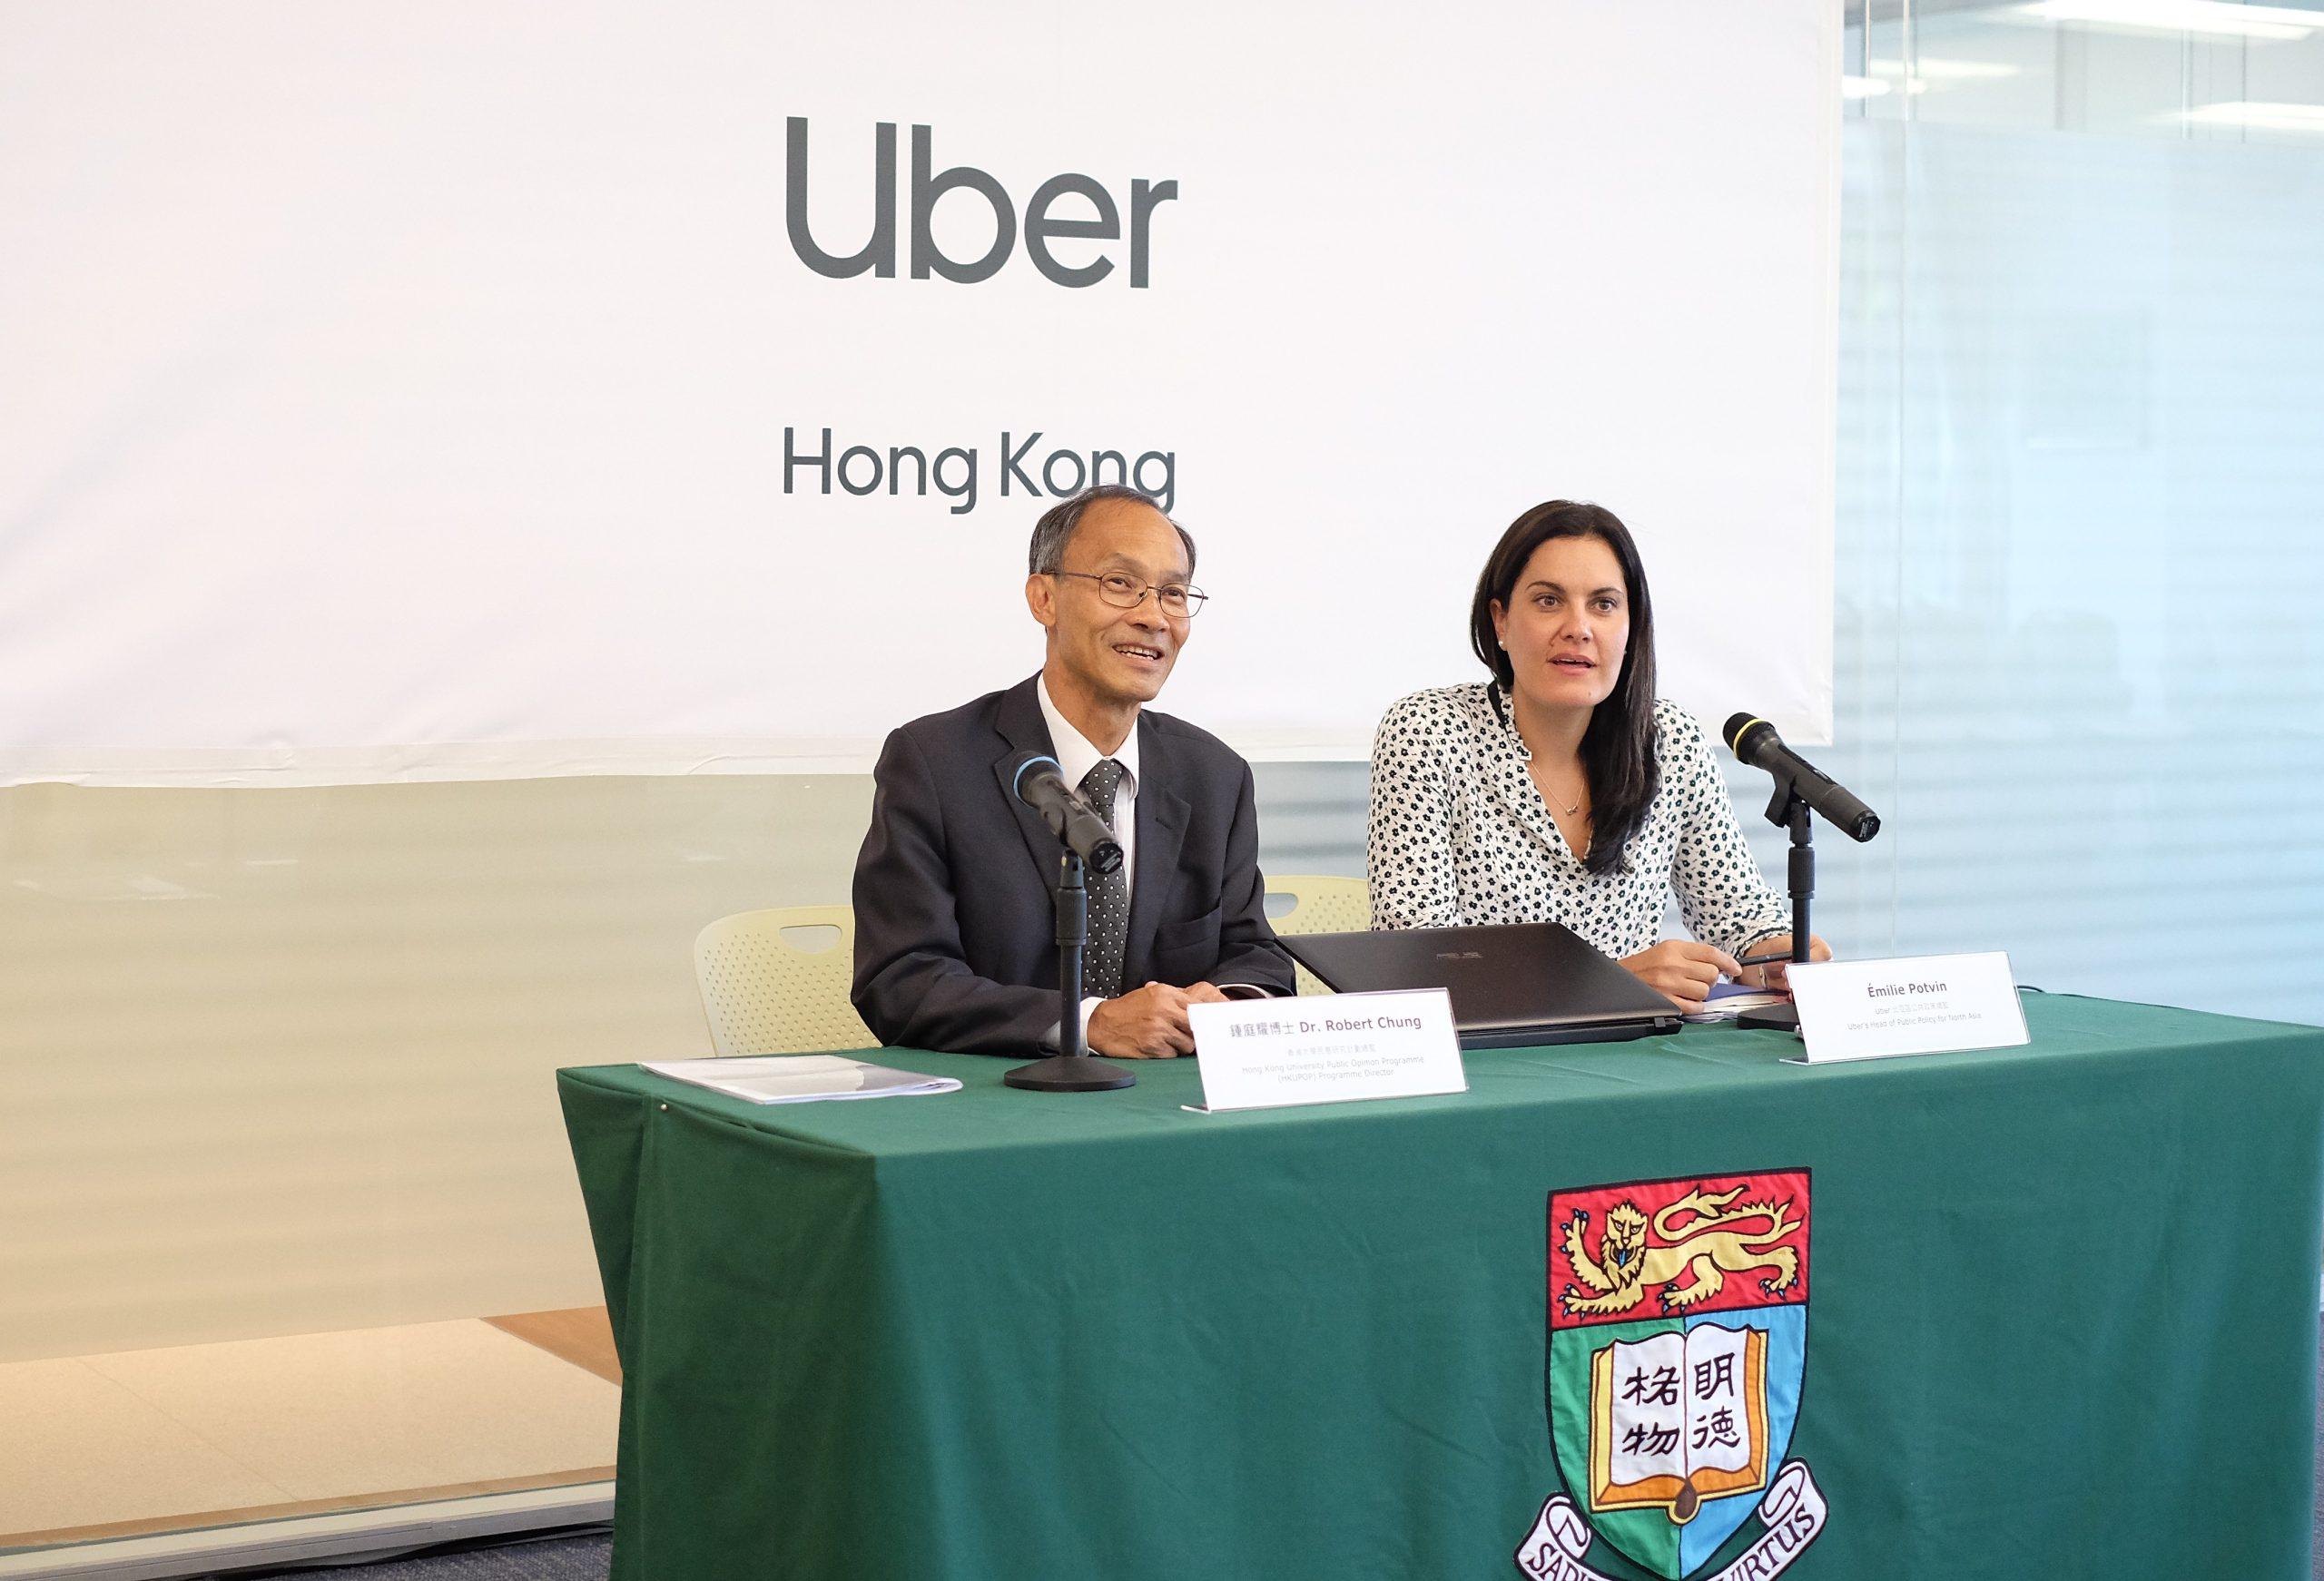 調查:逾七成香港受訪者認為政府應該將 Uber 合法化並作出監管